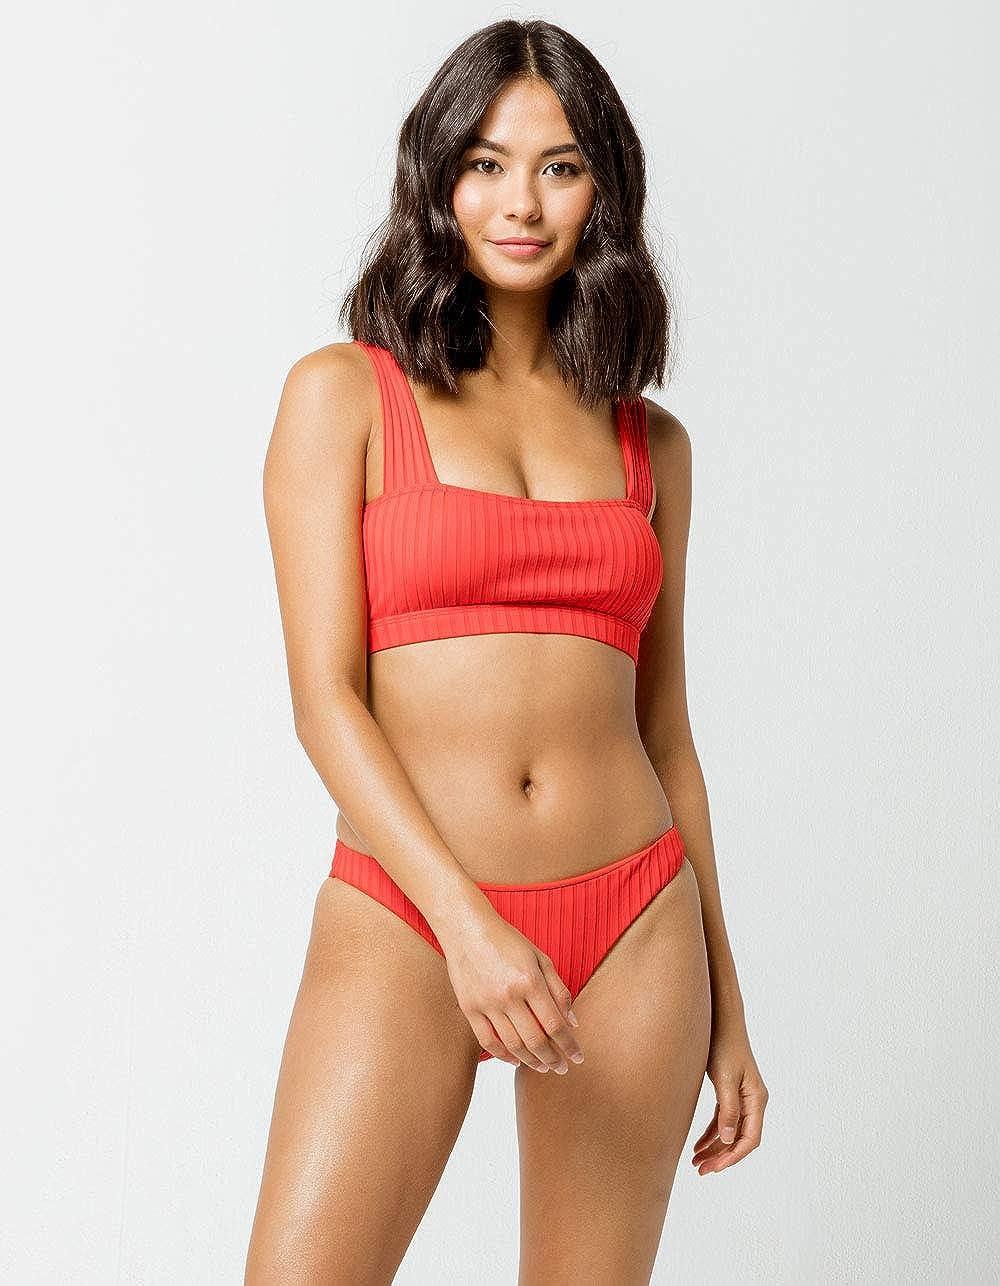 Billabong Women's Sunny Rib Tropic Bikini Bottom: Amazon.it